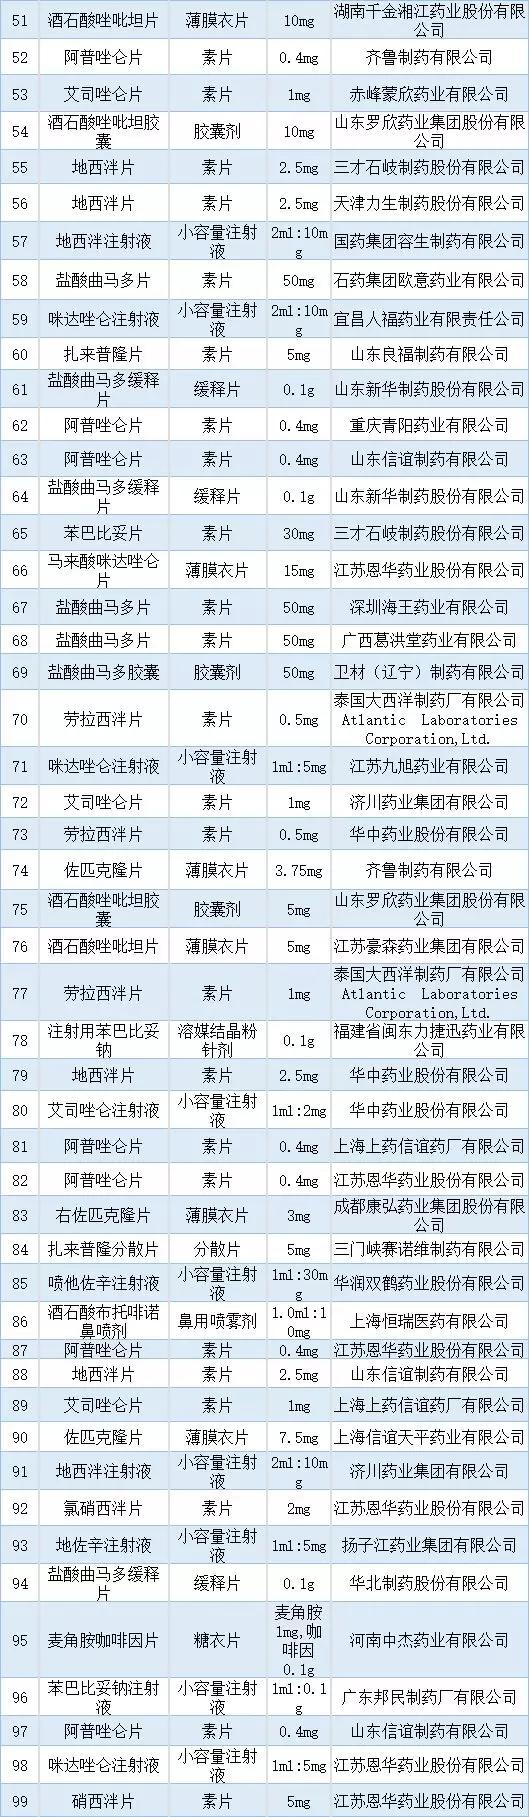 广东两票制落锤,249品种不执行两票制